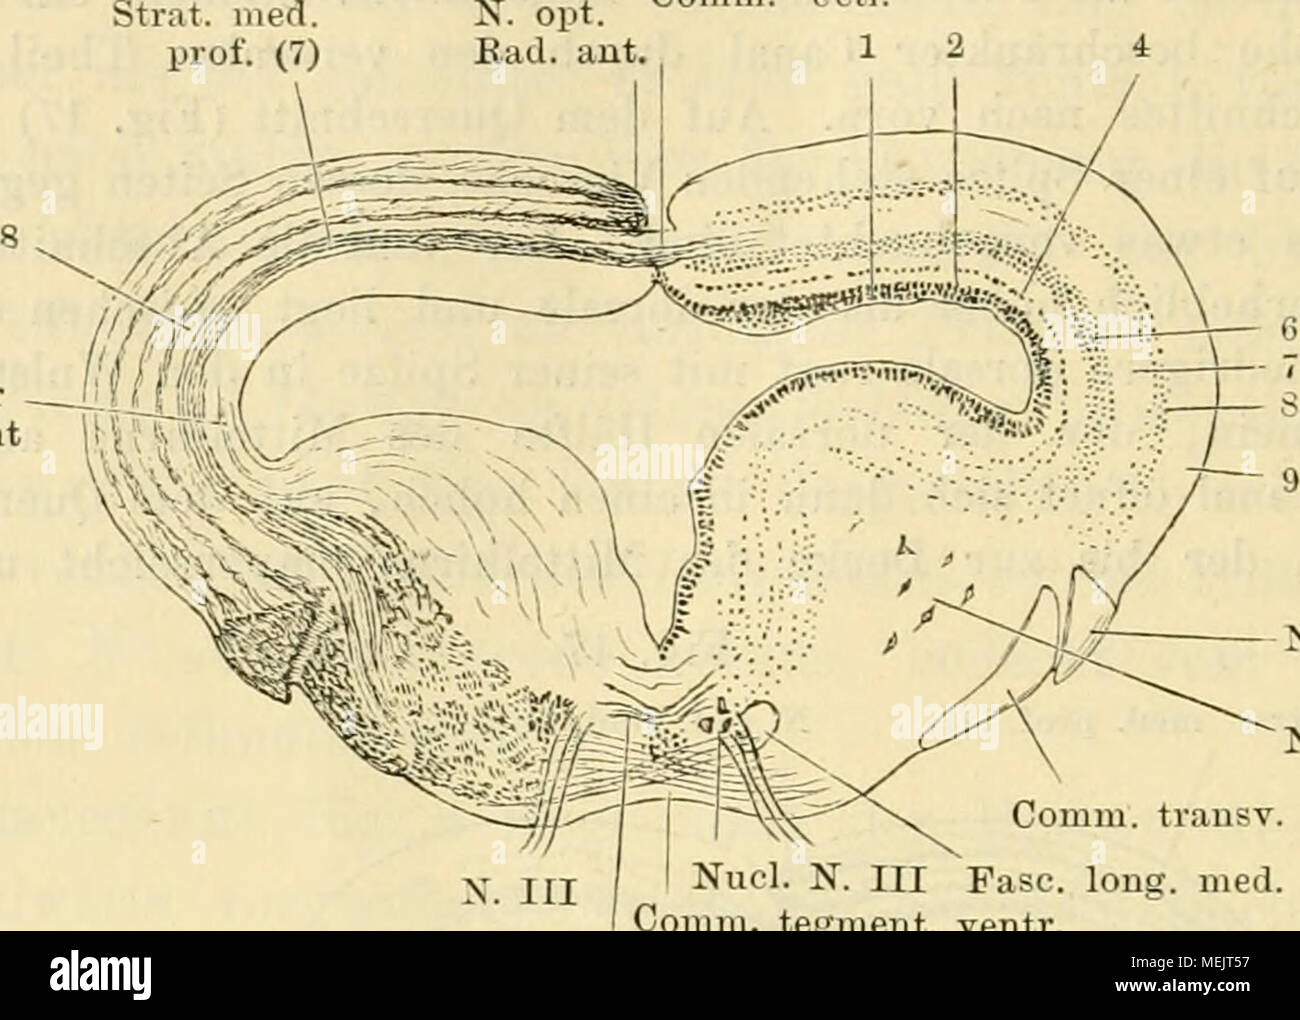 Ausgezeichnet Anatomie Testfragen Zeitgenössisch - Menschliche ...